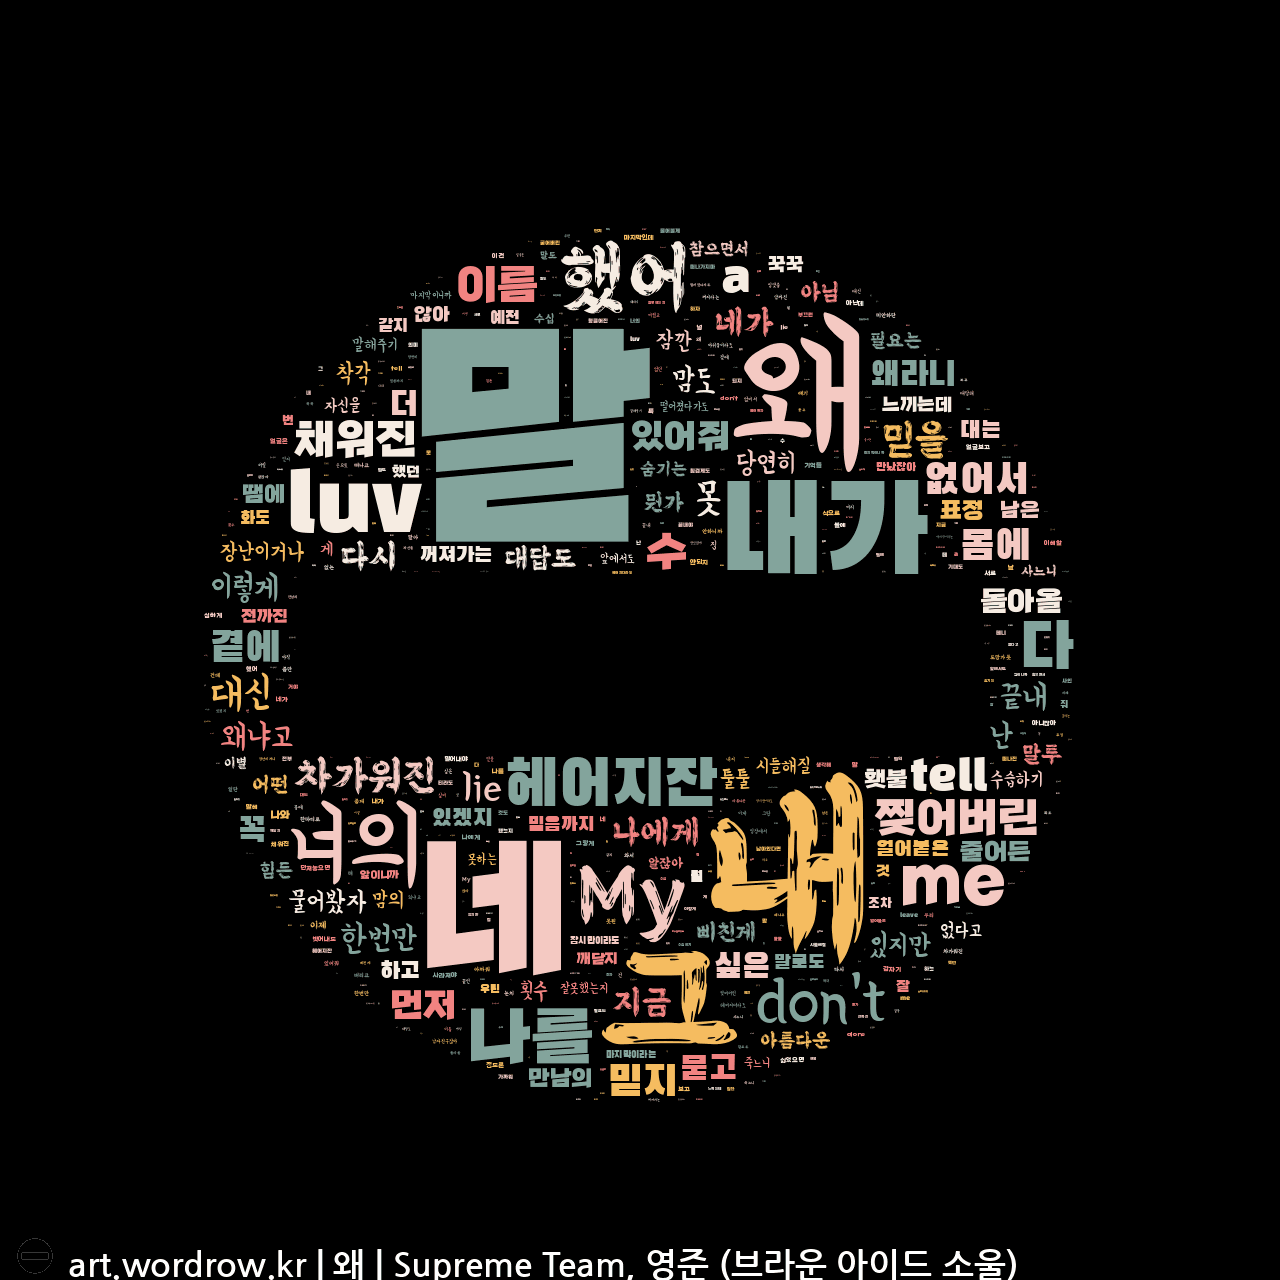 워드 클라우드: 왜 [Supreme Team, 영준 (브라운 아이드 소울)]-26